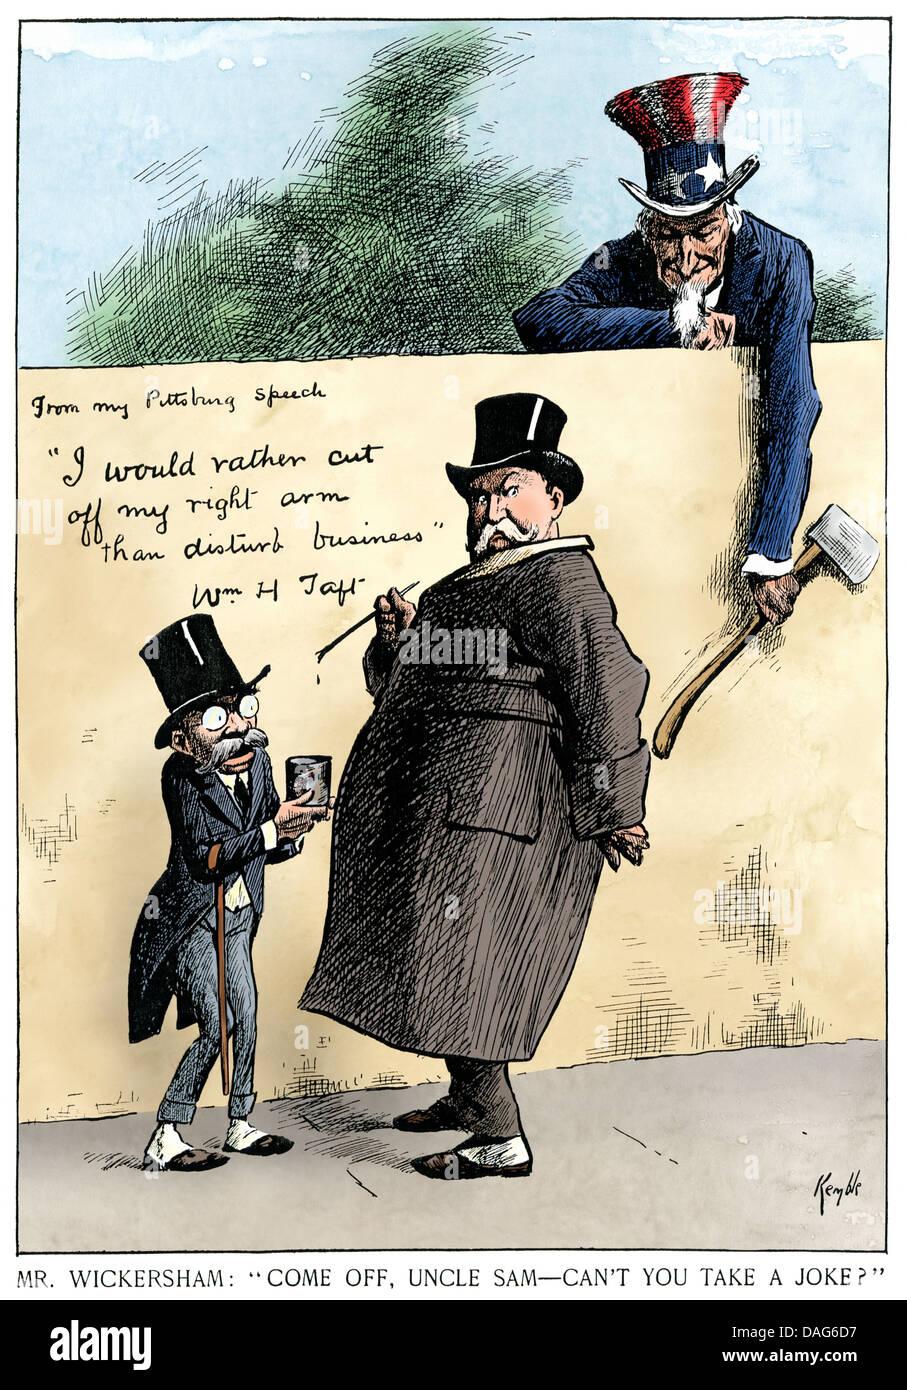 Tebeo sobre acciones antimonopolio del Procurador General Wickersham y Presidente Taft, 1911. Xilografía coloreada Imagen De Stock